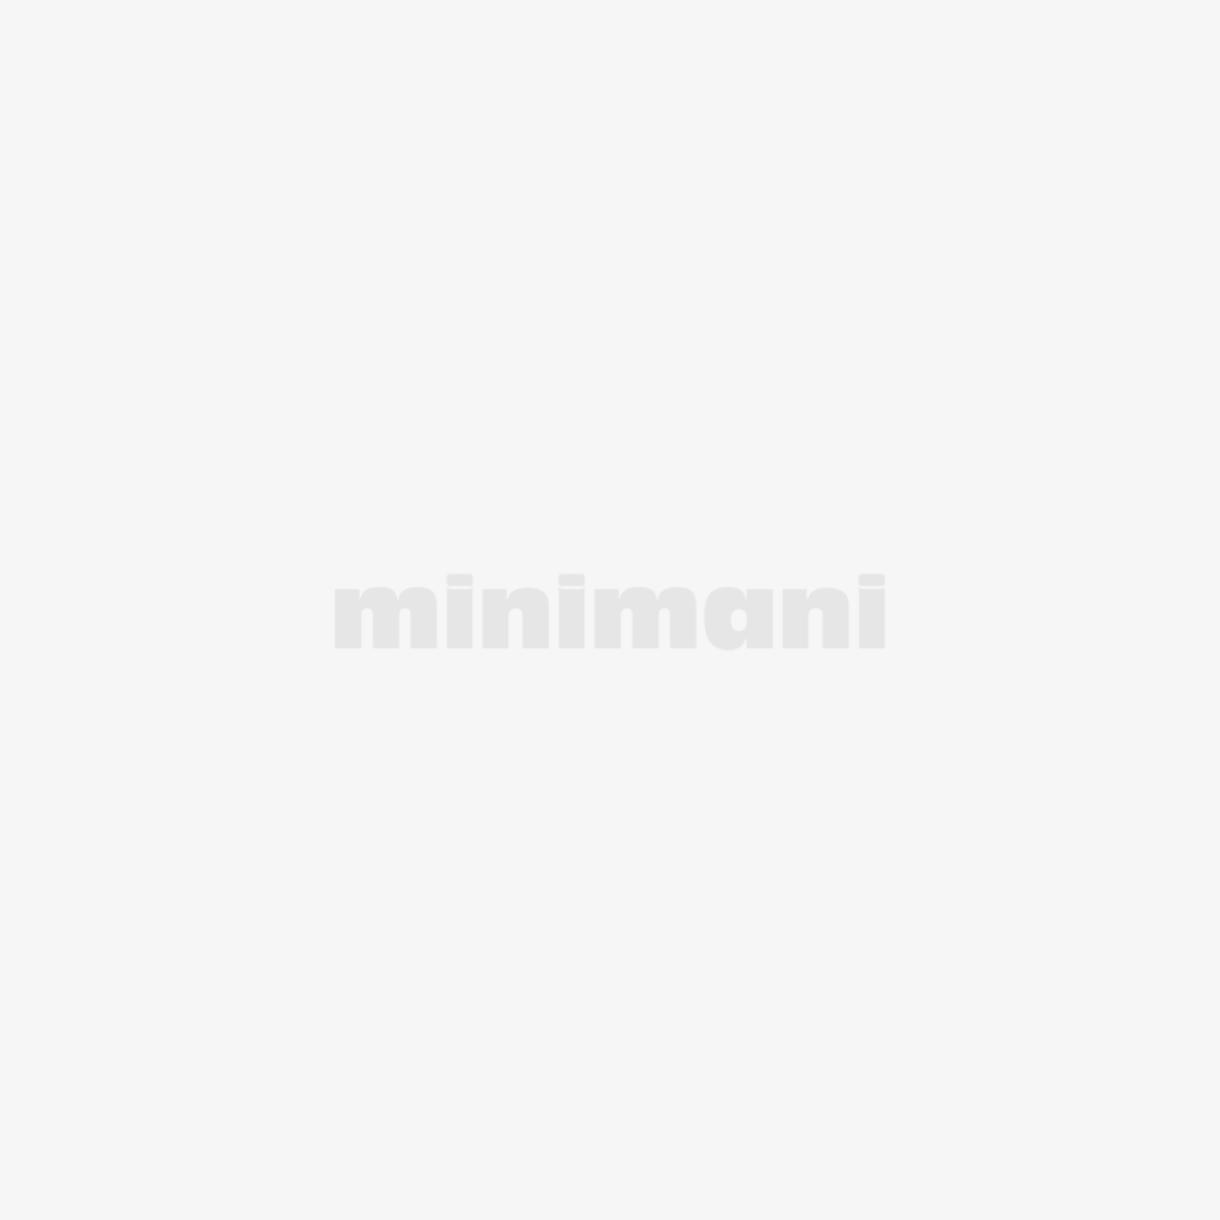 MANSIKKA-/ KATEKANGAS 20 M2 4 X